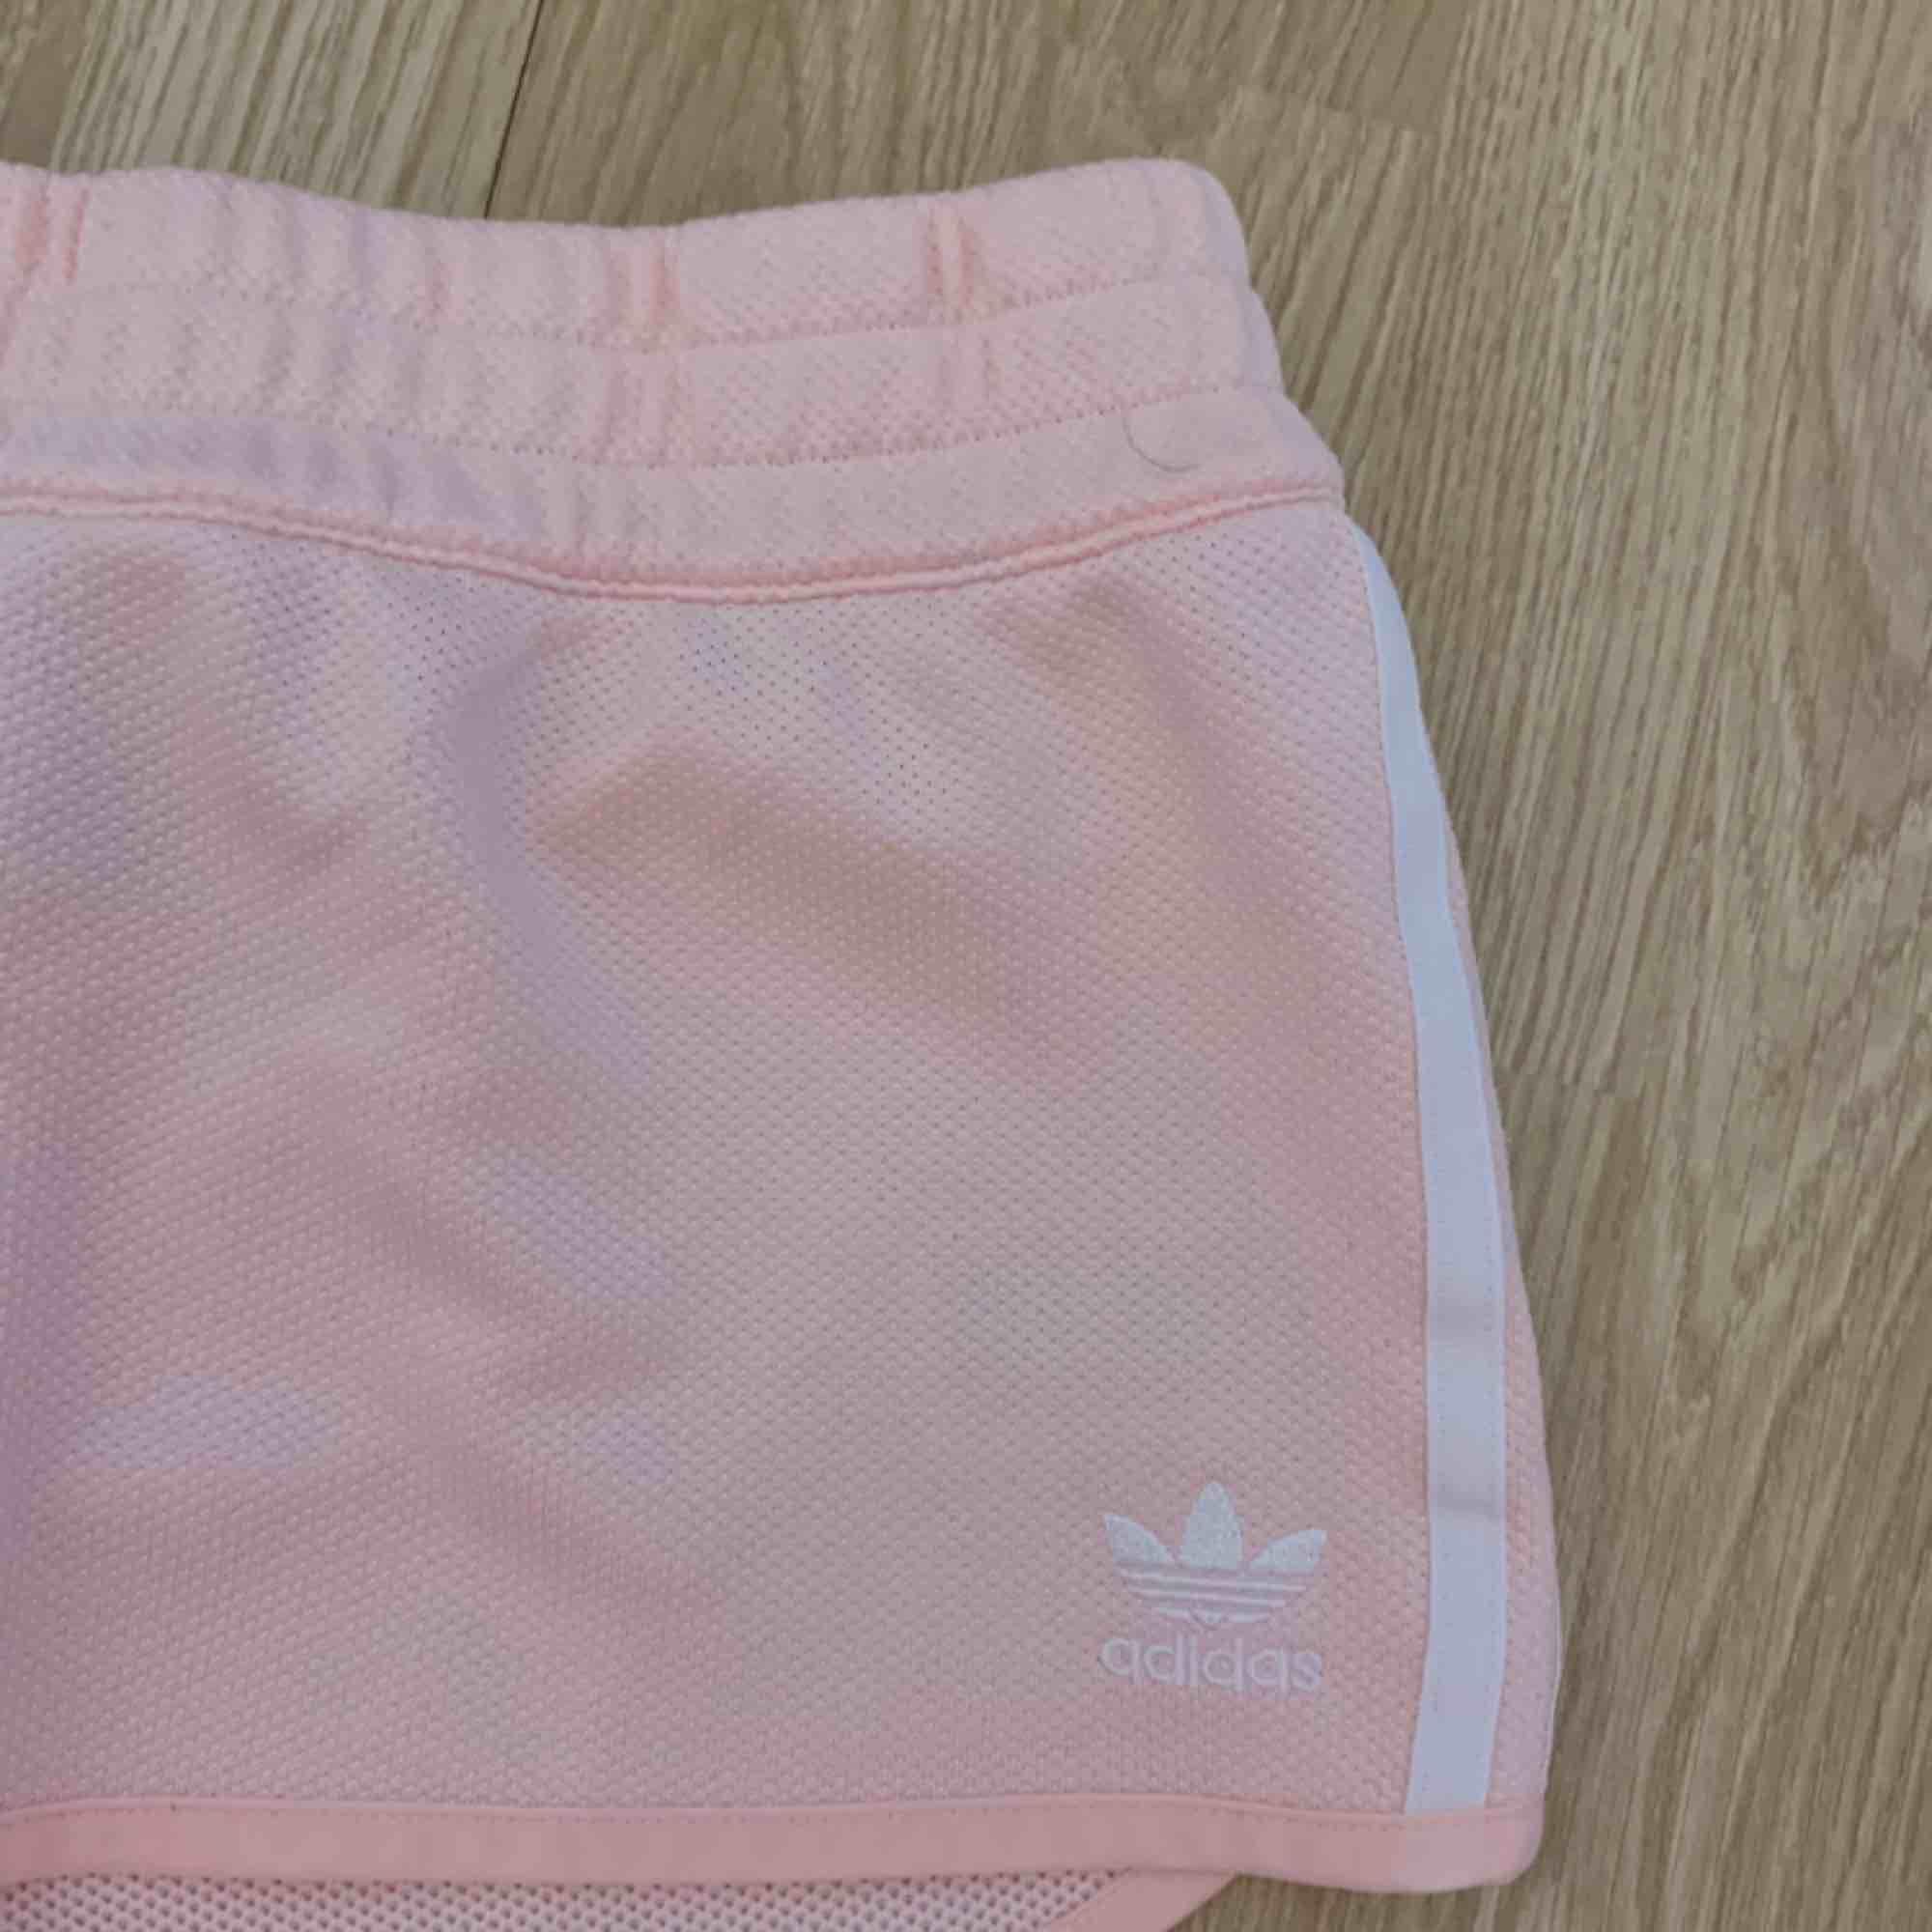 Rosa adidas shorts storlek 38, fint skick.  Möts upp i Stockholm eller fraktar.  Frakt kostar 54kr extra, postar med videobevis/bildbevis. Jag garanterar en snabb pålitlig affär!✨. Shorts.